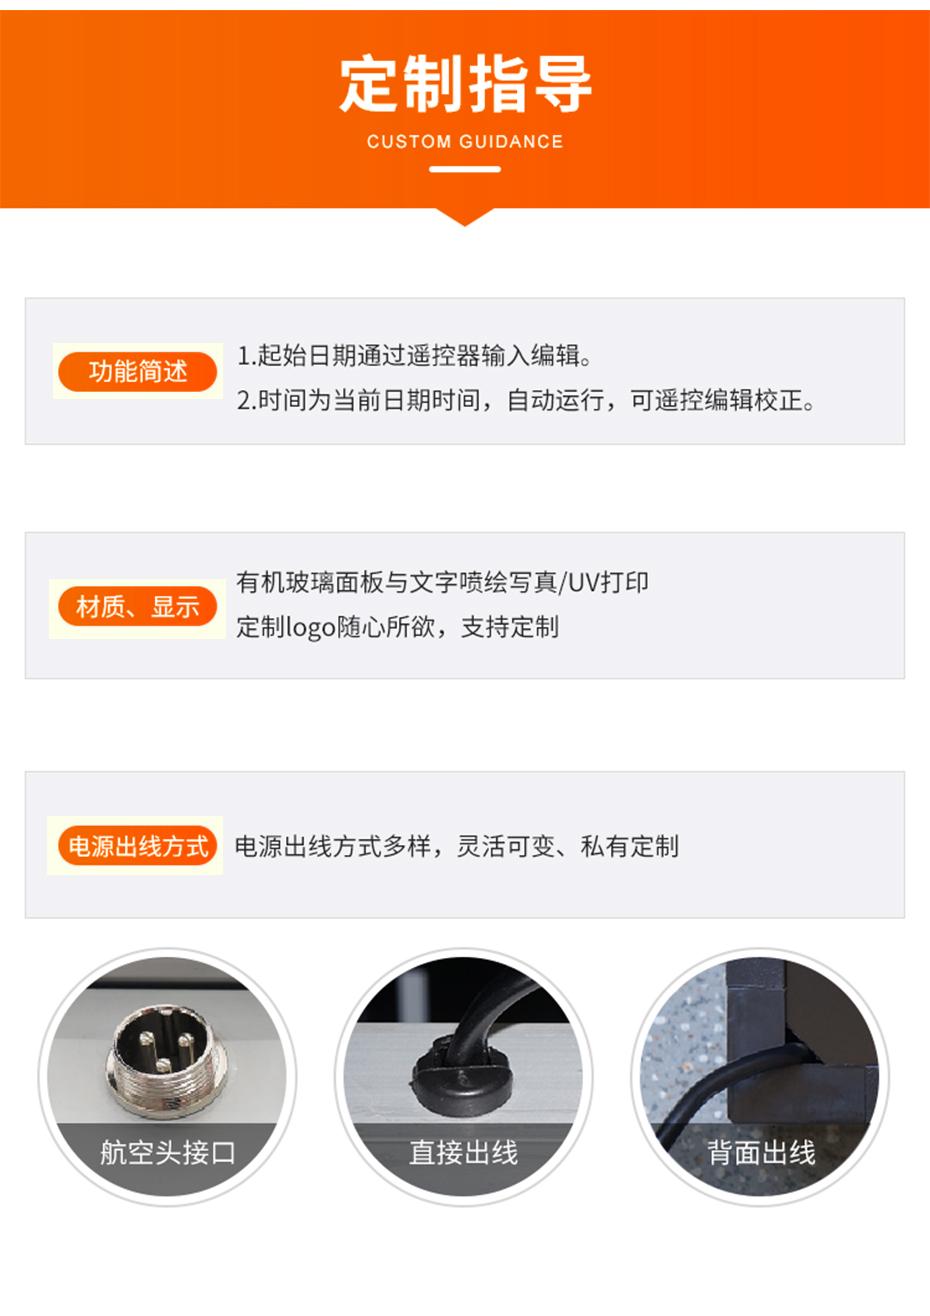 xiangqing_09